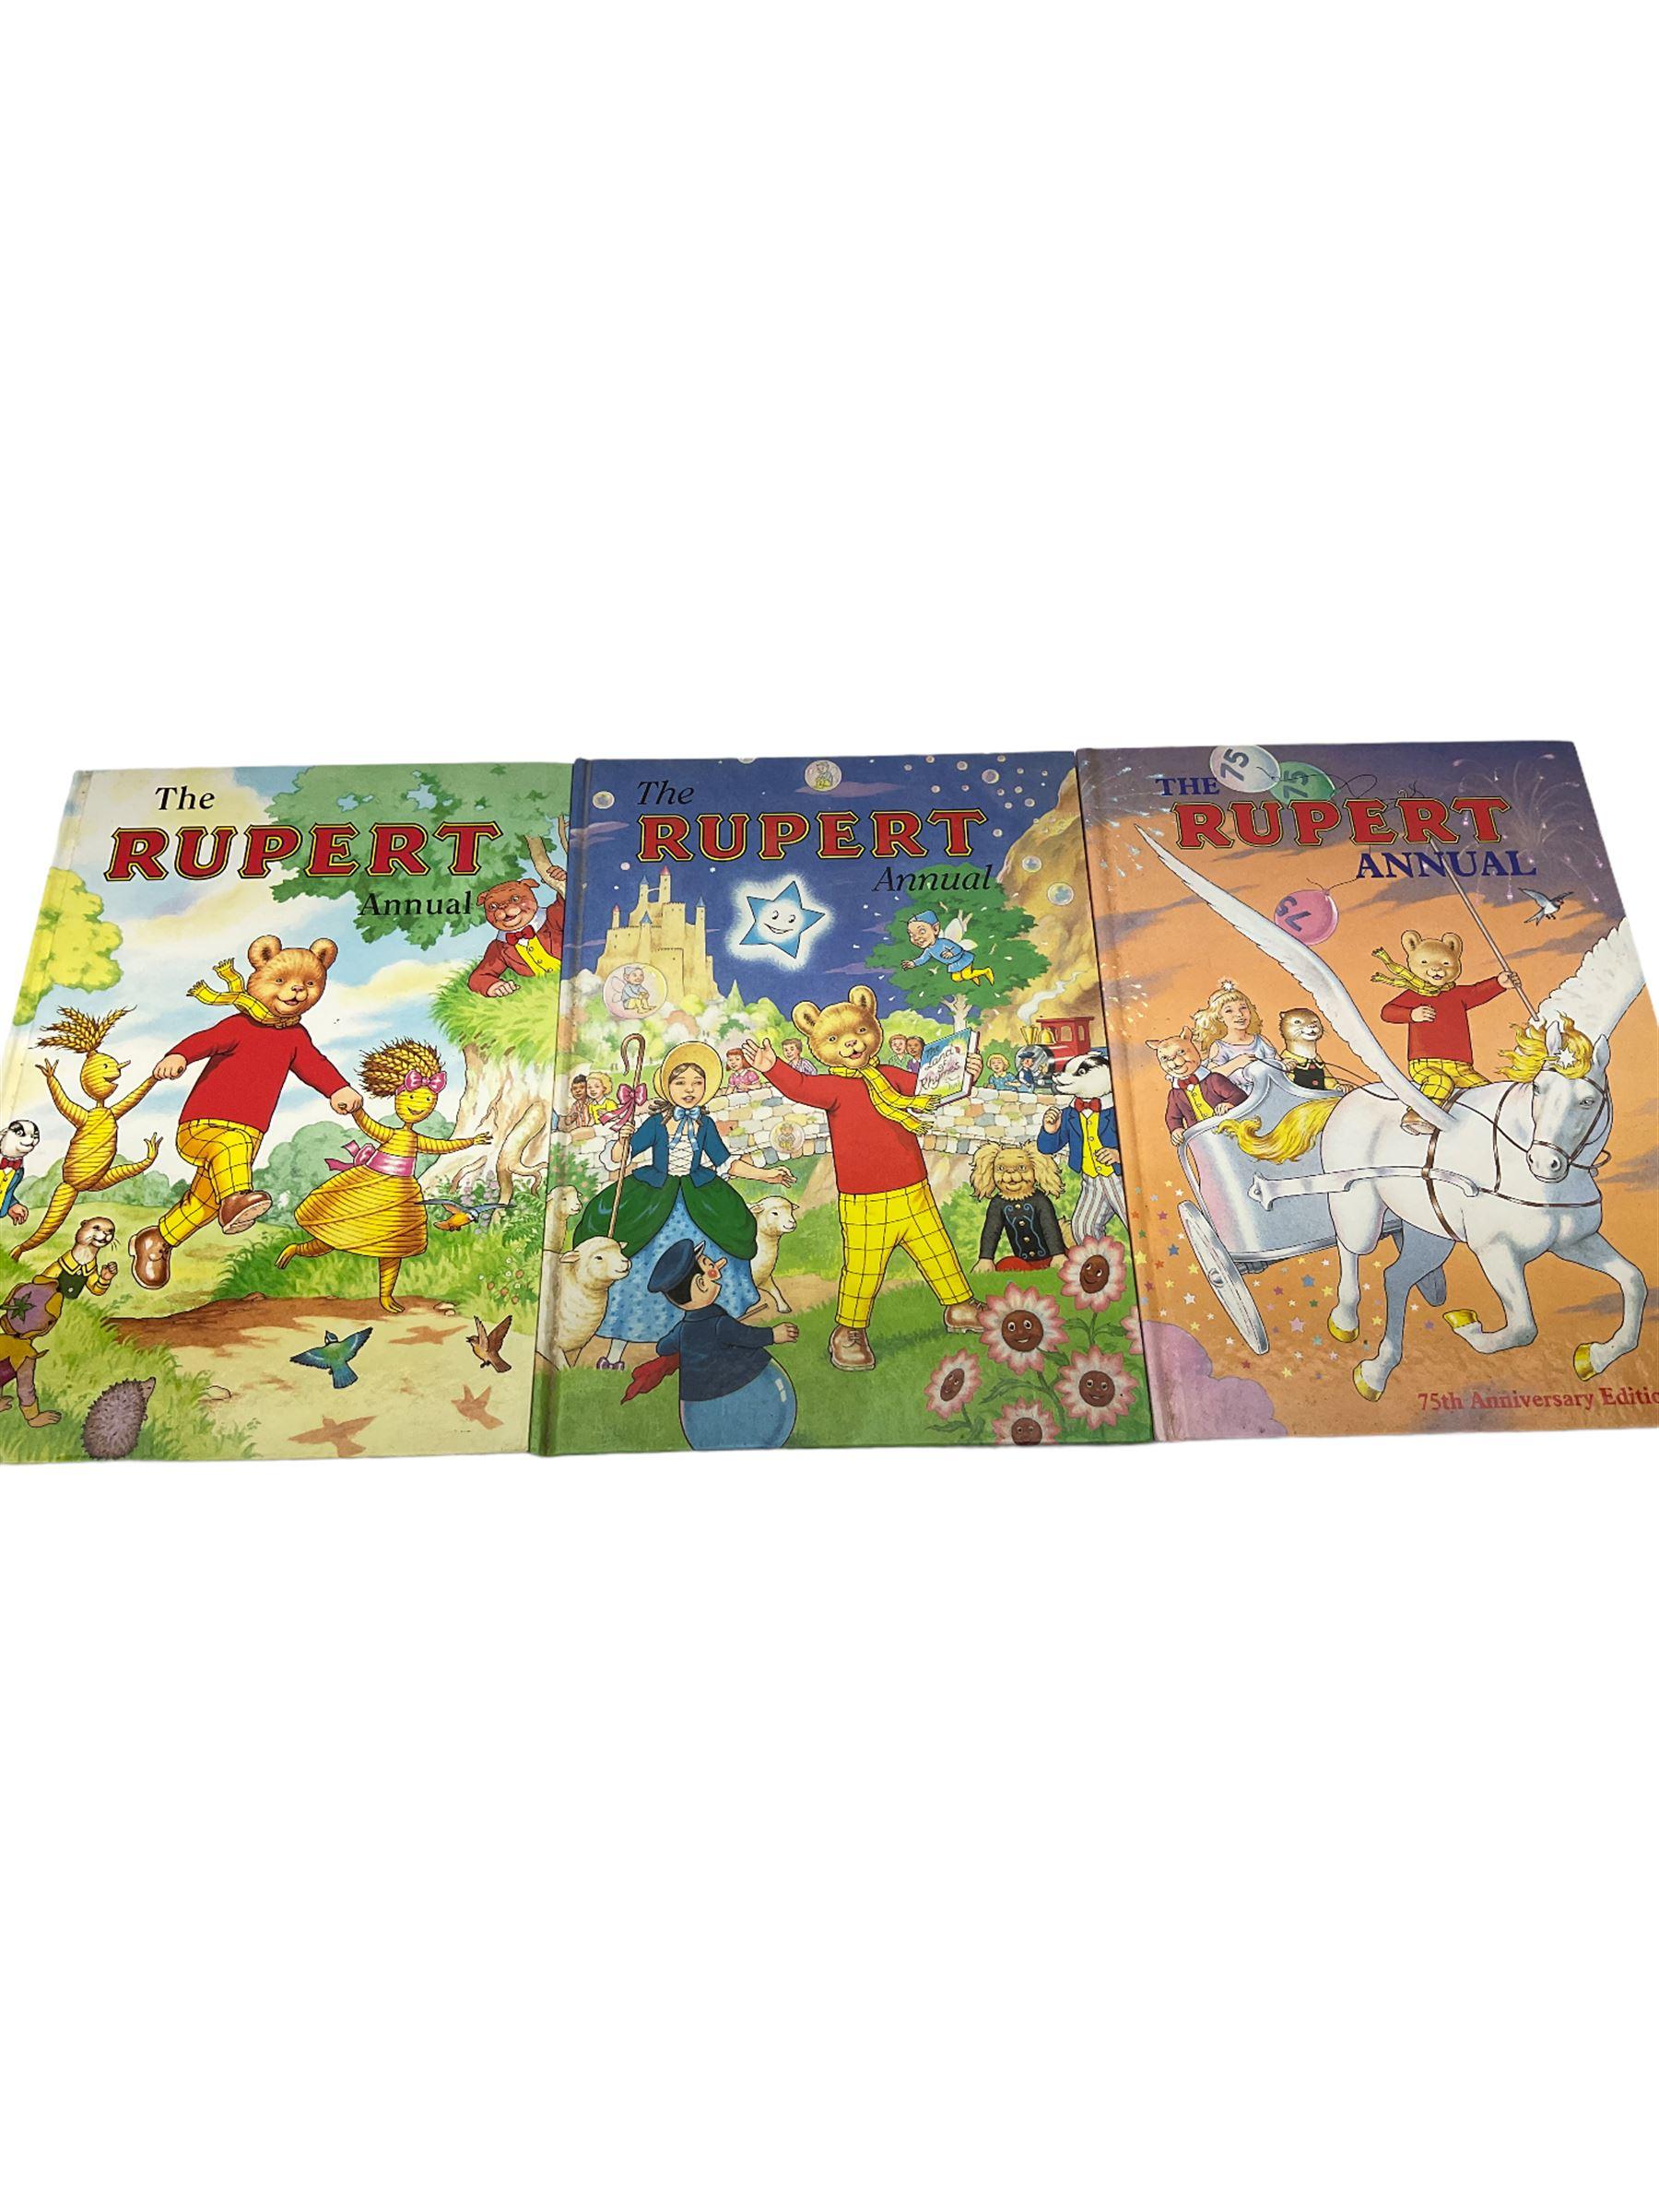 Rupert Bear - More Adventures of Rupert 1947 and The Rupert Book 1948 - Image 8 of 8